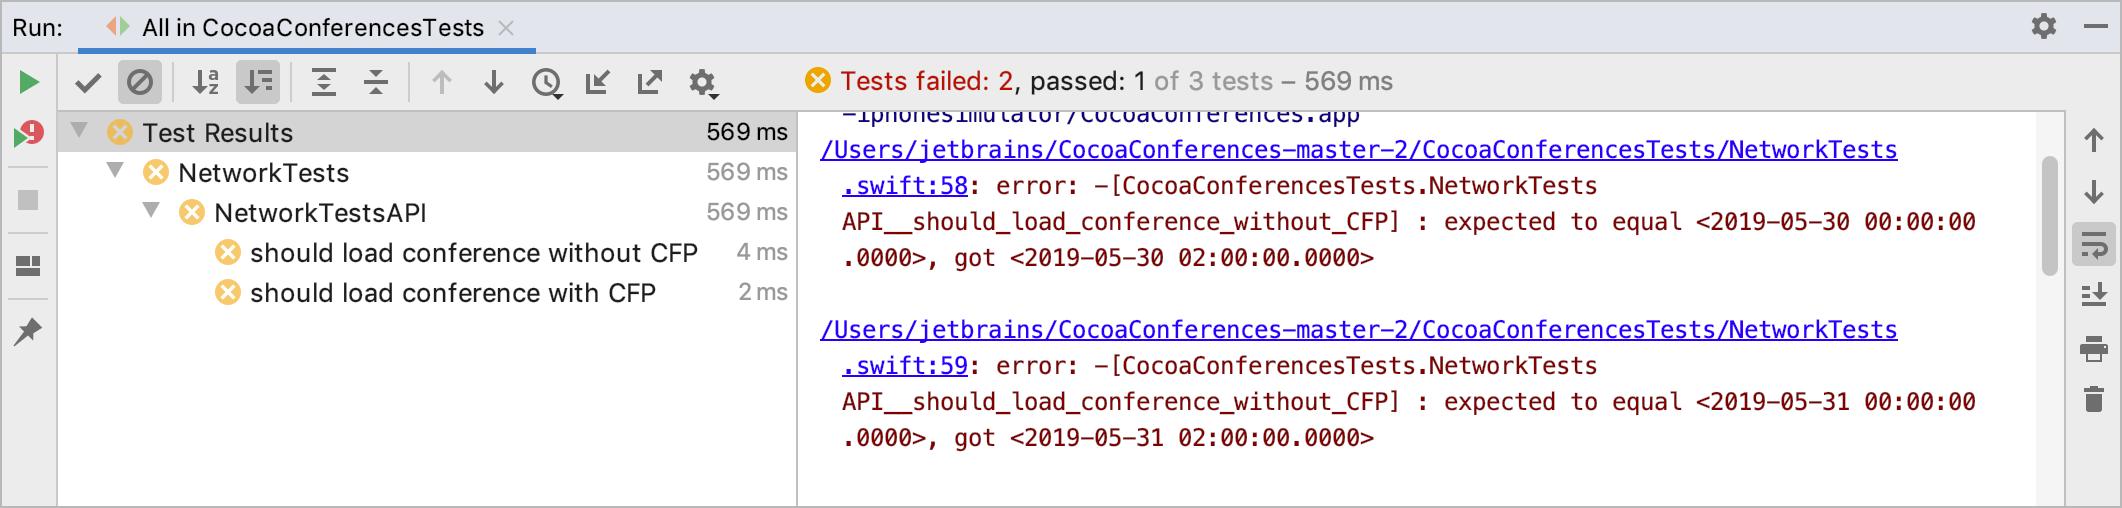 Tests in the Run tool window